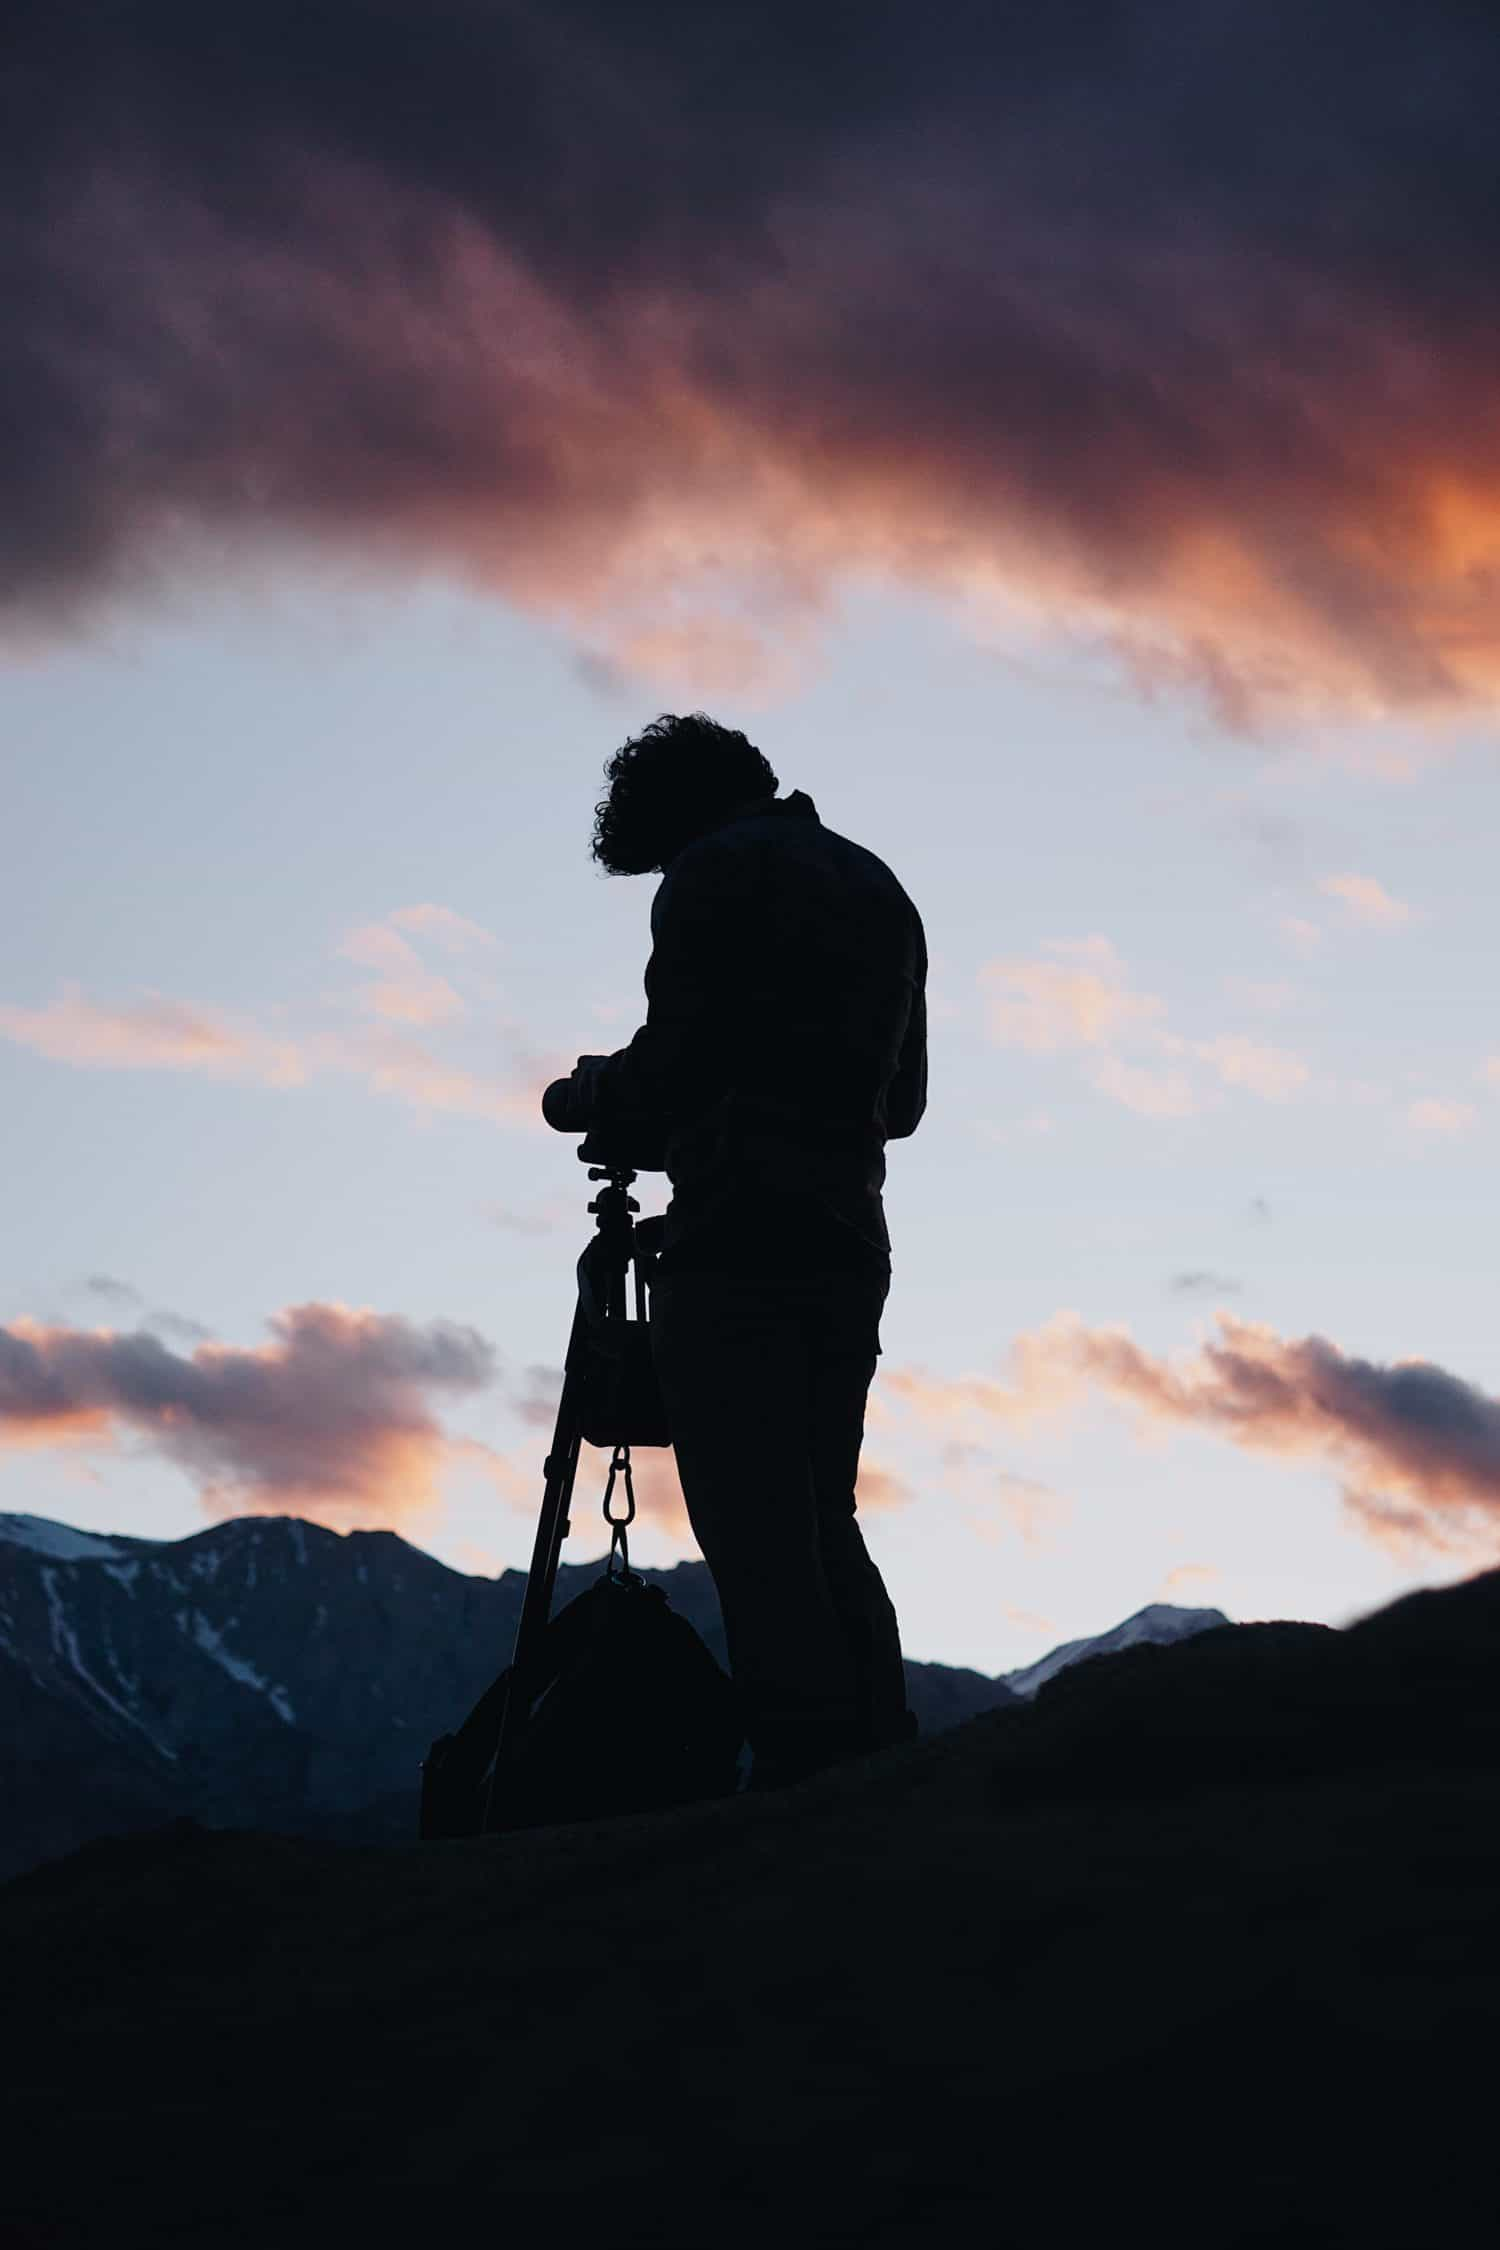 Fotograf stellt seine Kamera bei Nacht ein